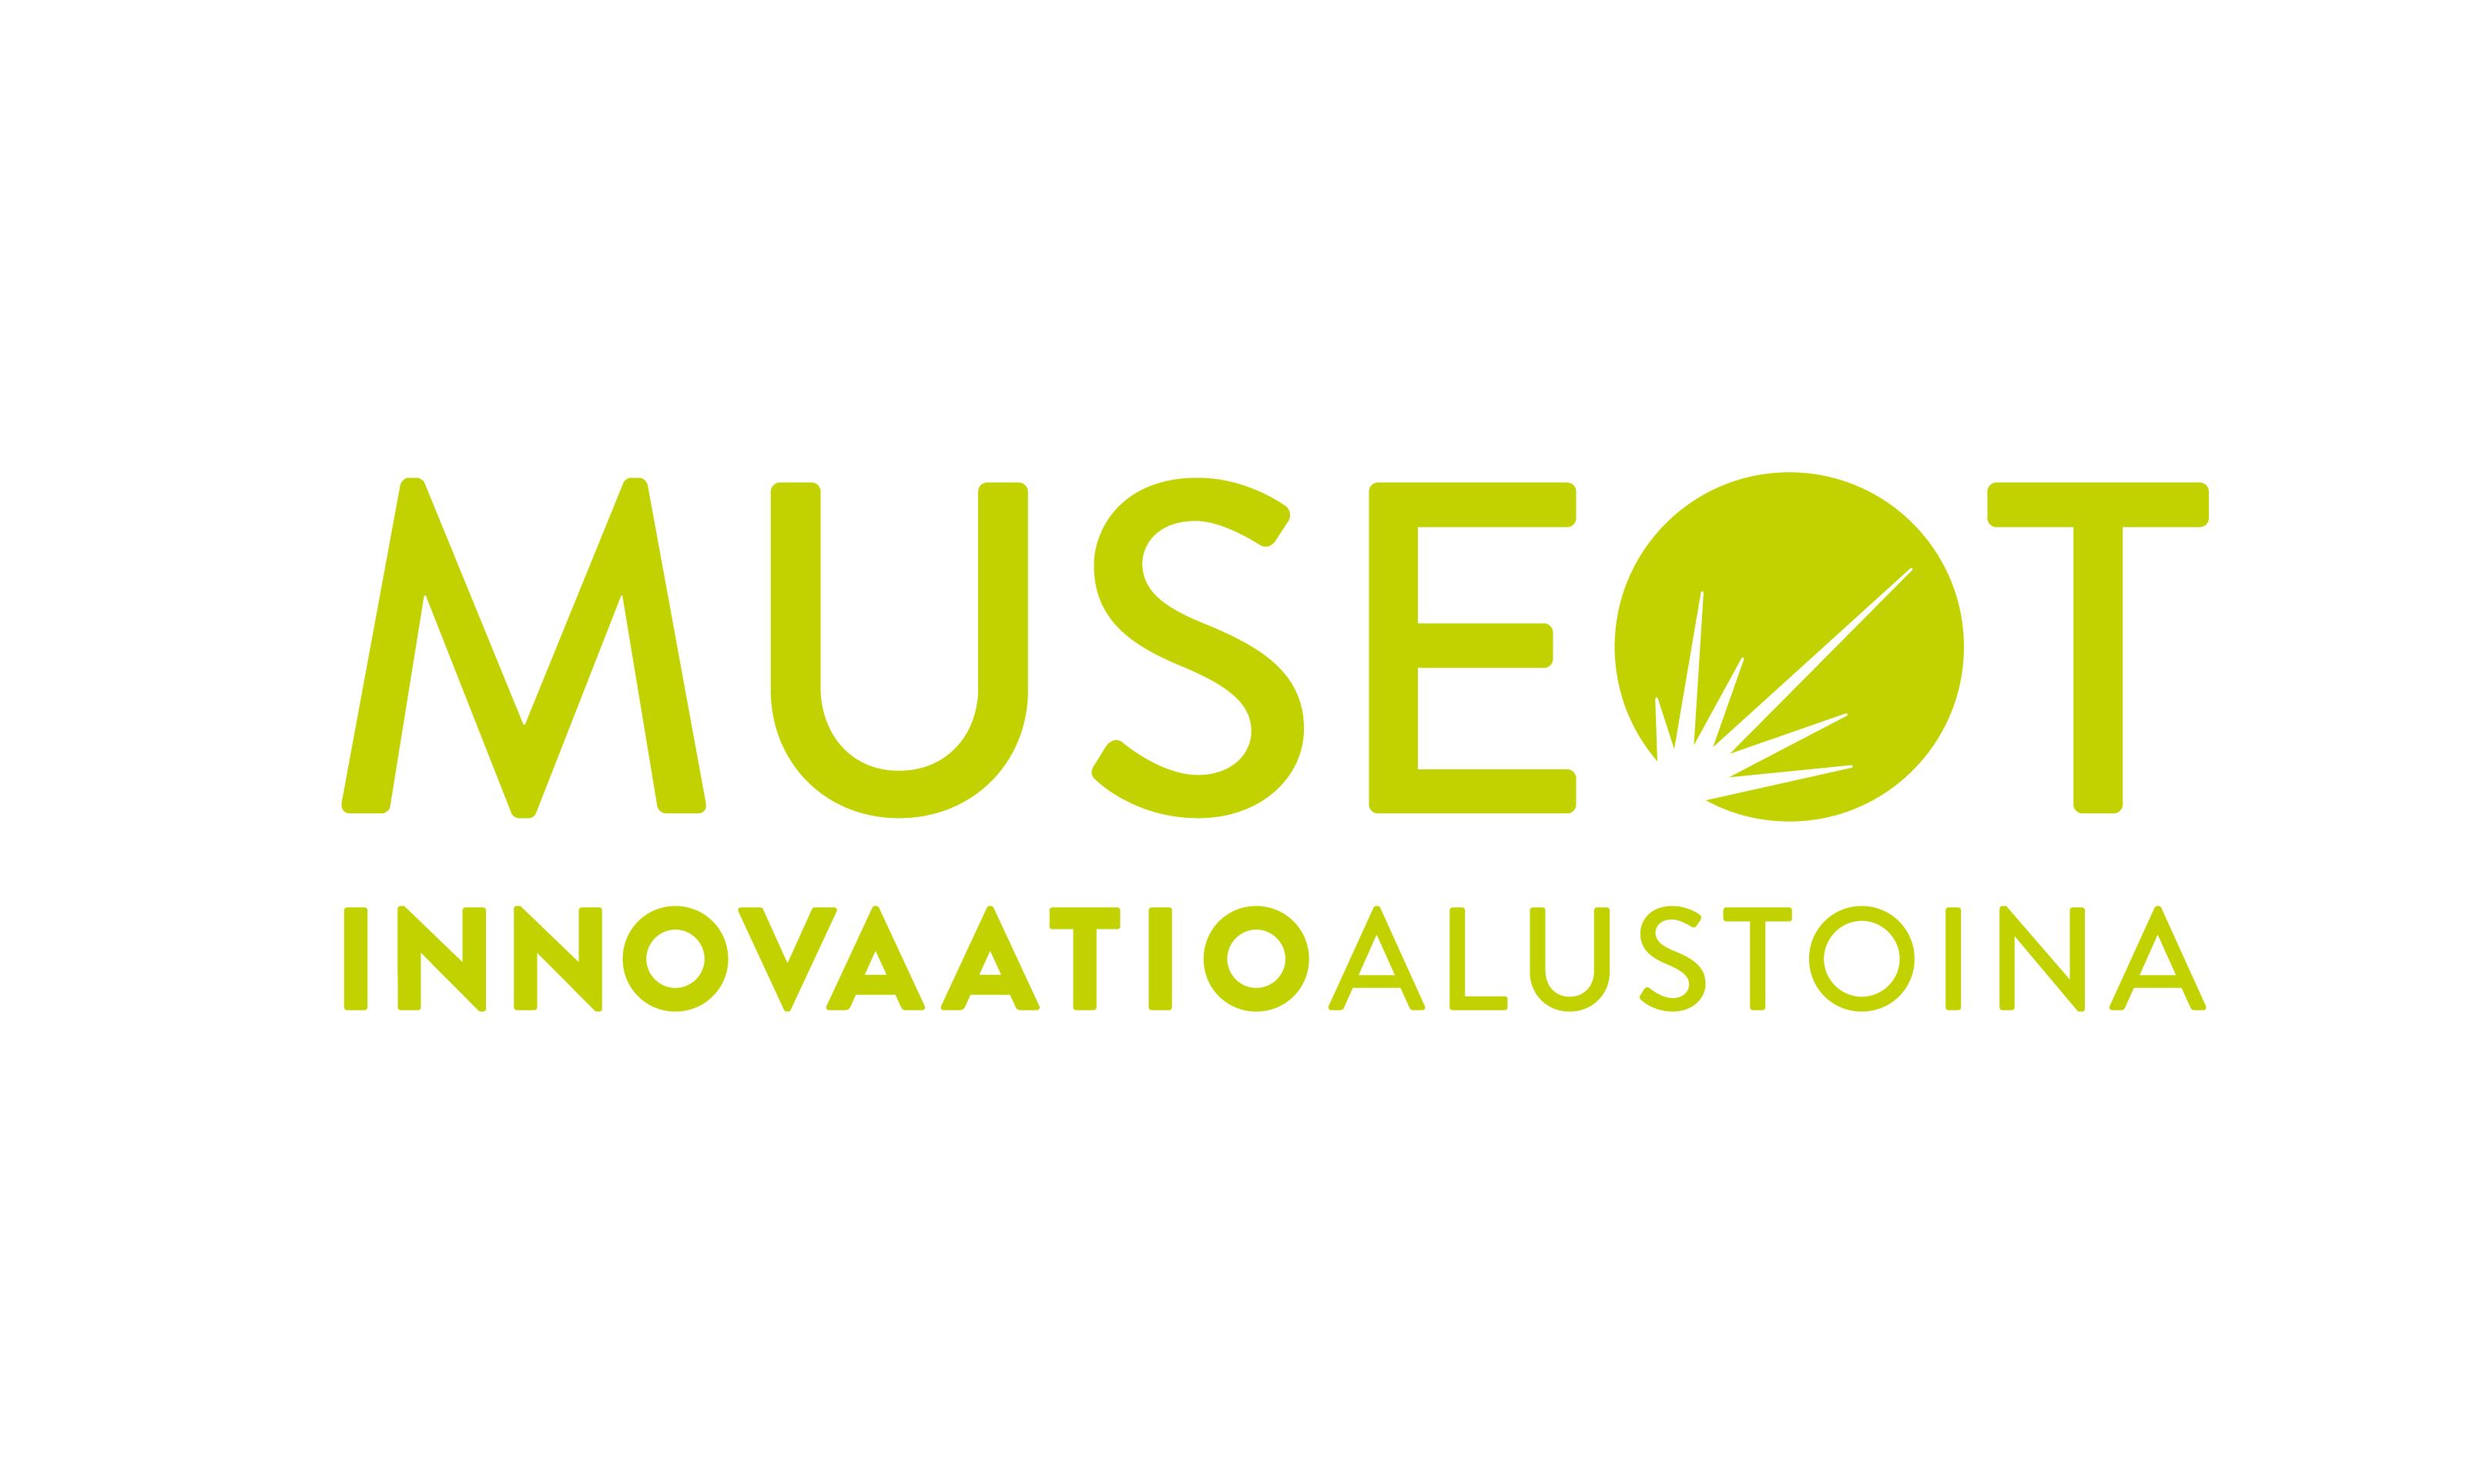 Museot innovaatioalustana